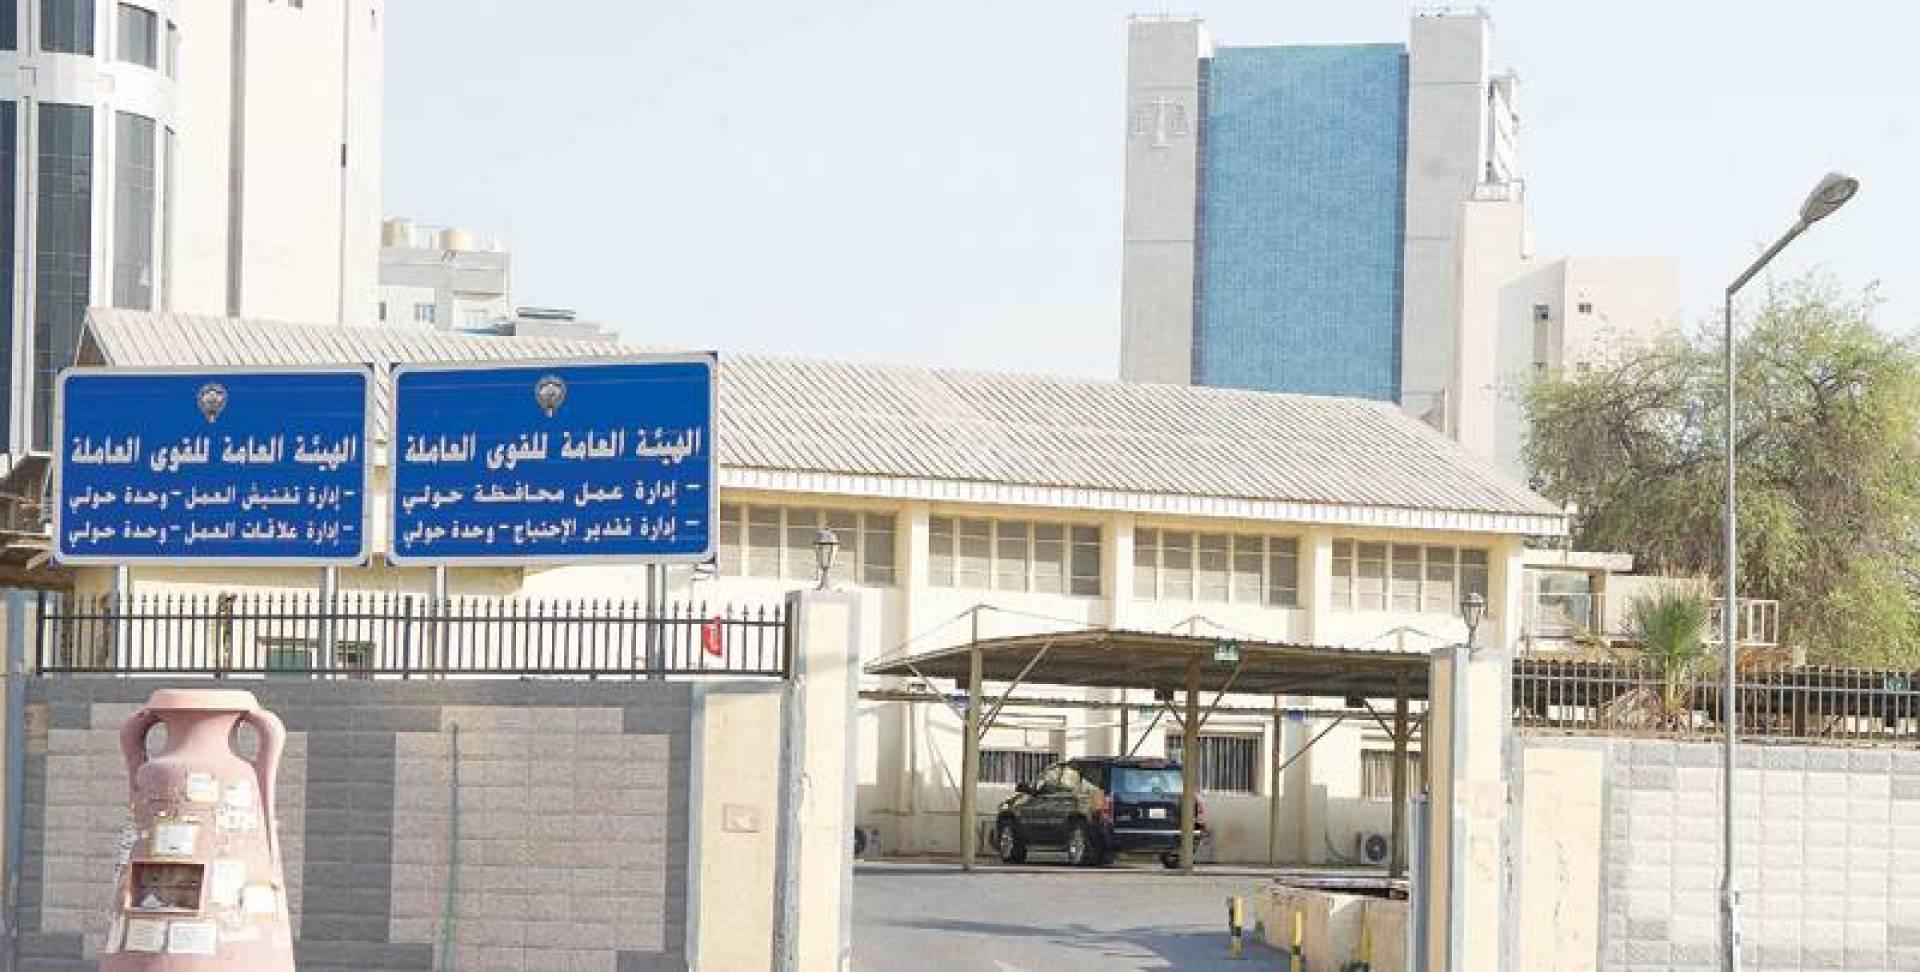 مبنى القوى العامله لمحافظة حولي | تصوير محمود الفوريكي